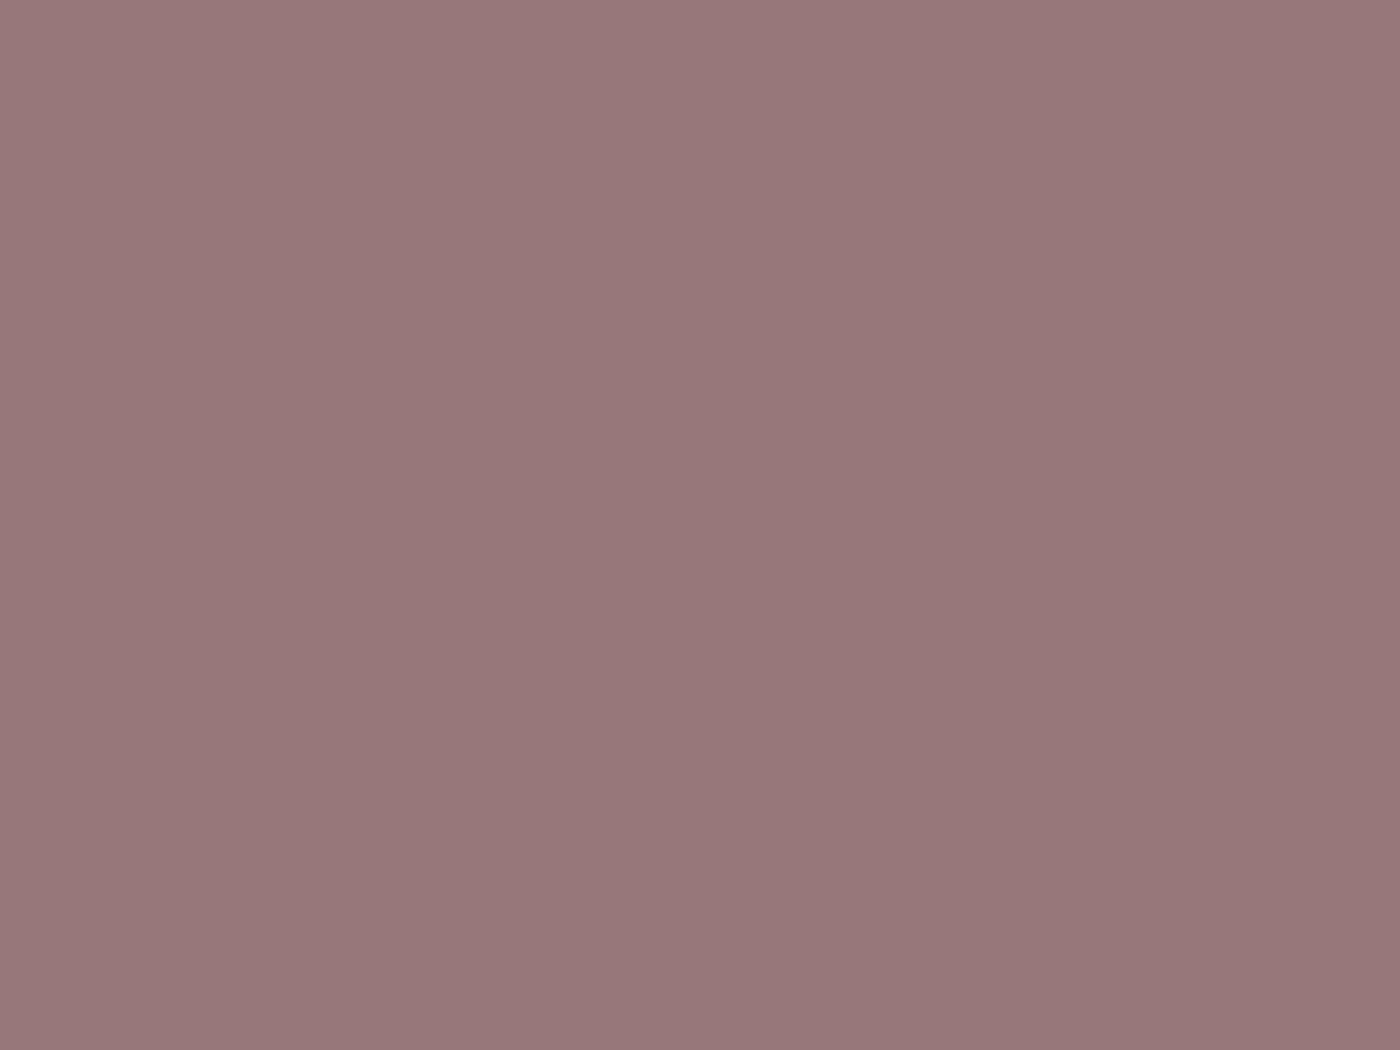 1400x1050 Bazaar Solid Color Background